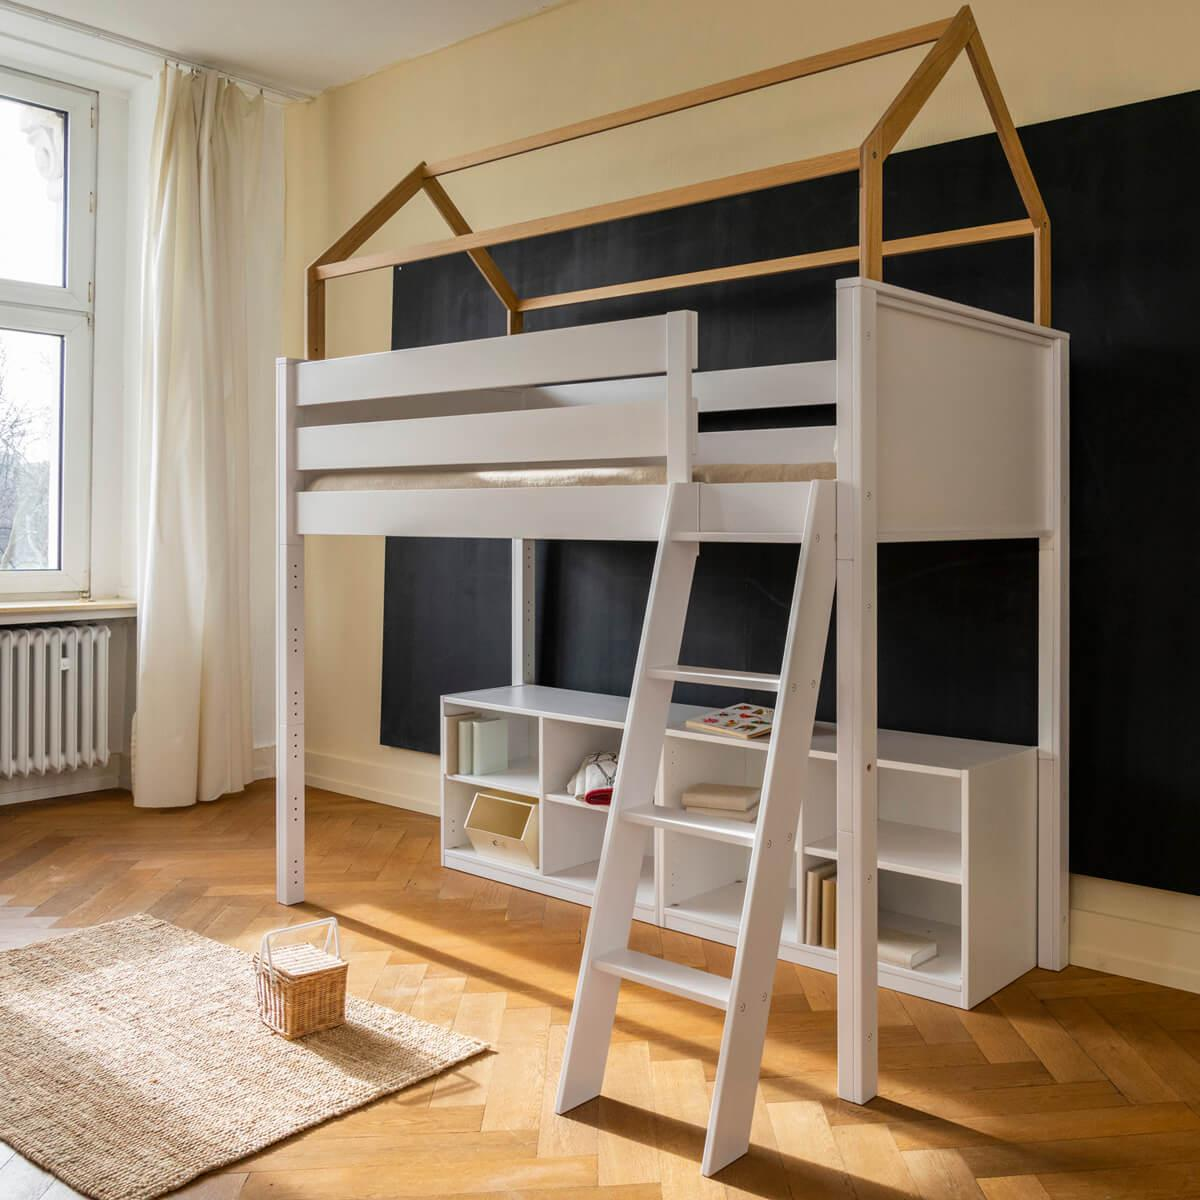 Hochbett-Dach hoch KASVA Buche massiv weiß-lackiert Eiche furniert-geölt